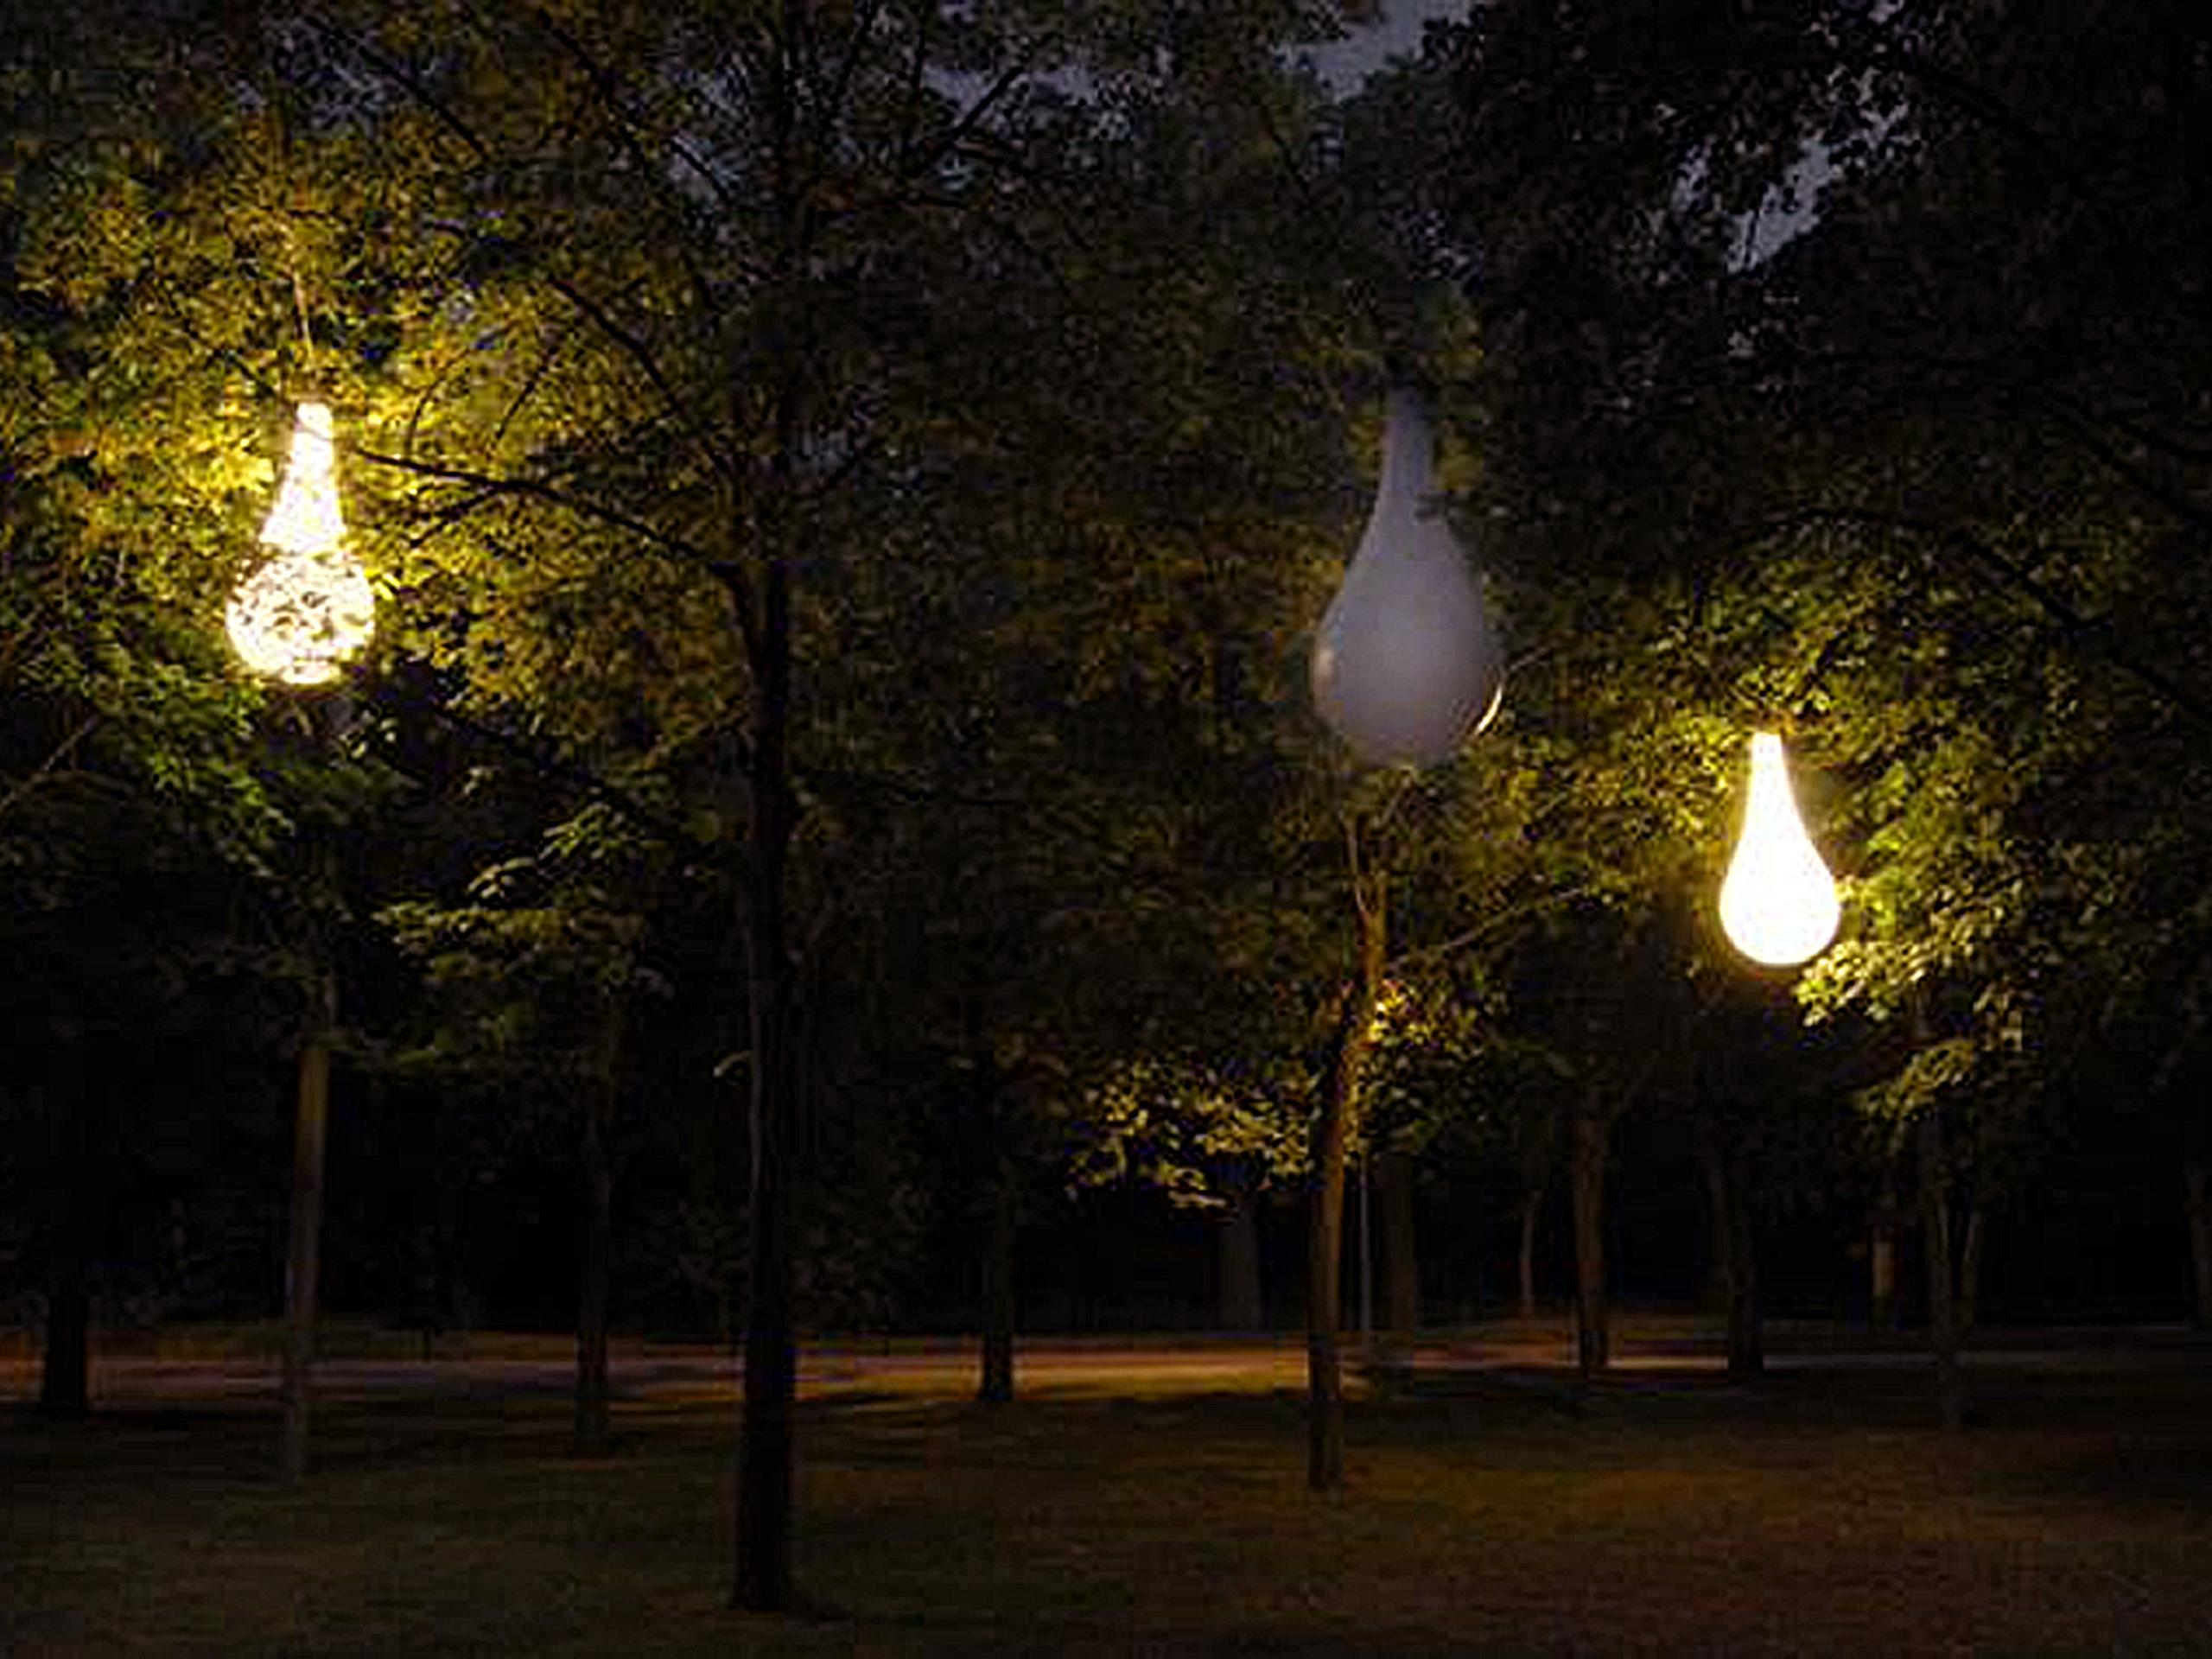 Light sculpture in Zeist, the Netherlands